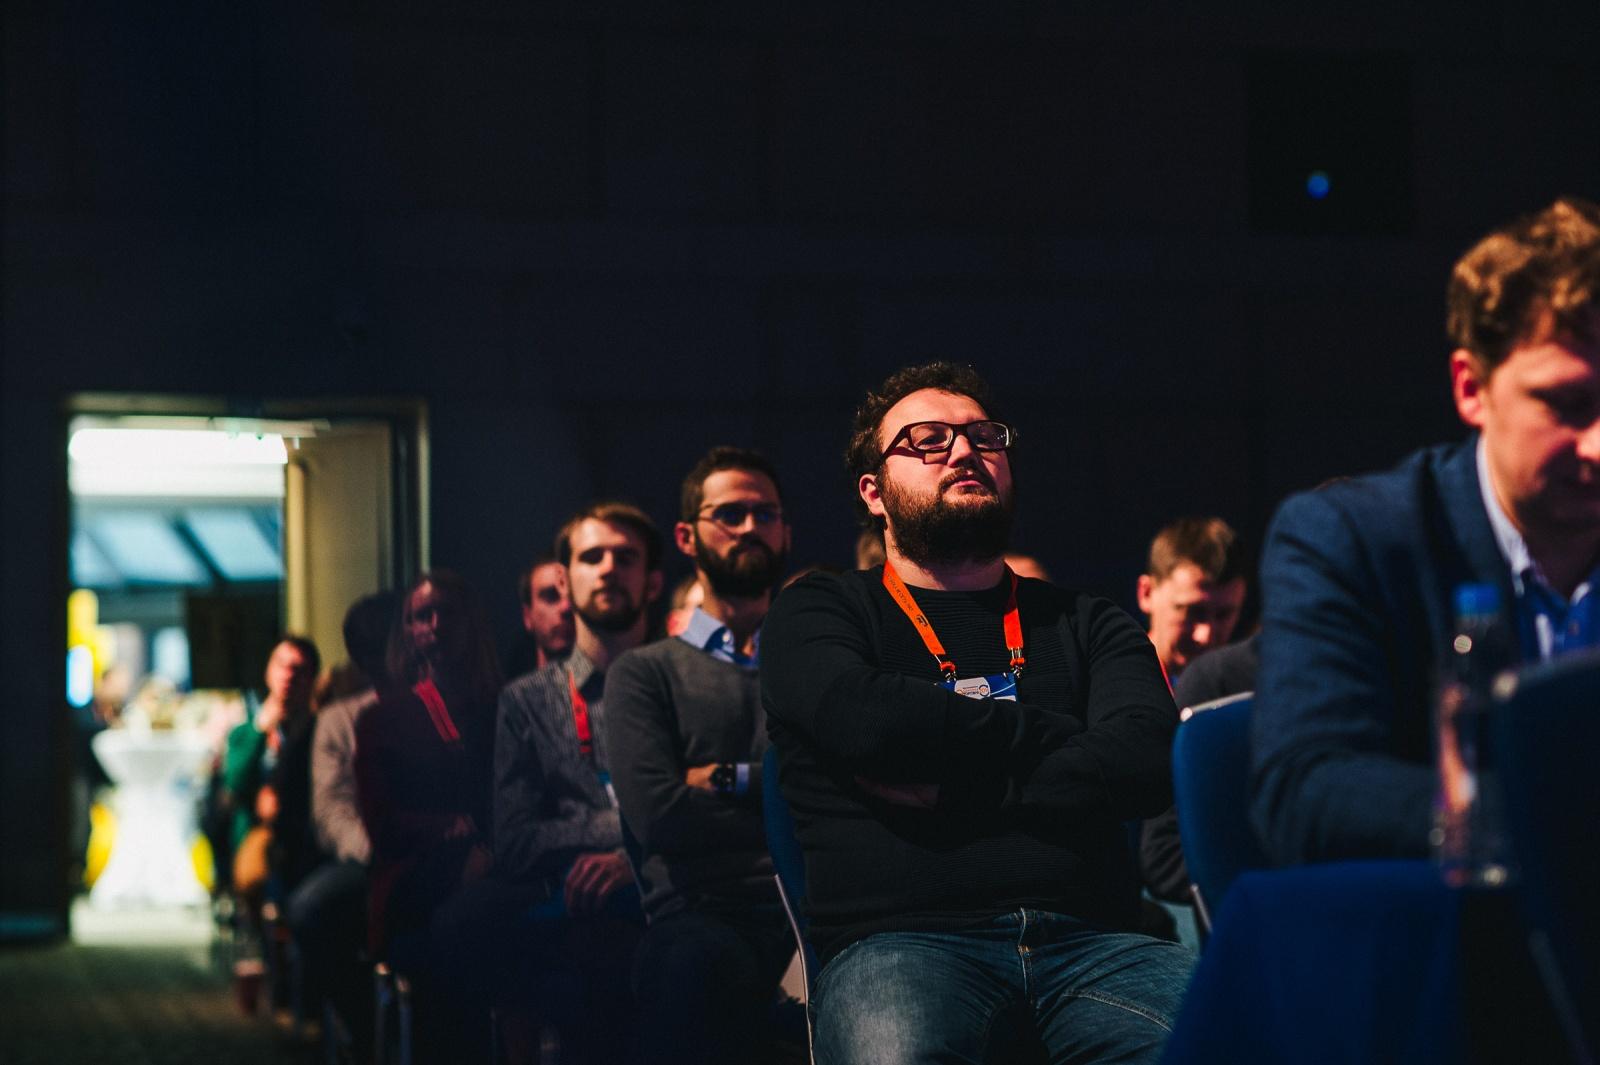 Дэнни Перекальски: «В Ozon.ru мы сфокусировались на качестве обслуживания» - 3